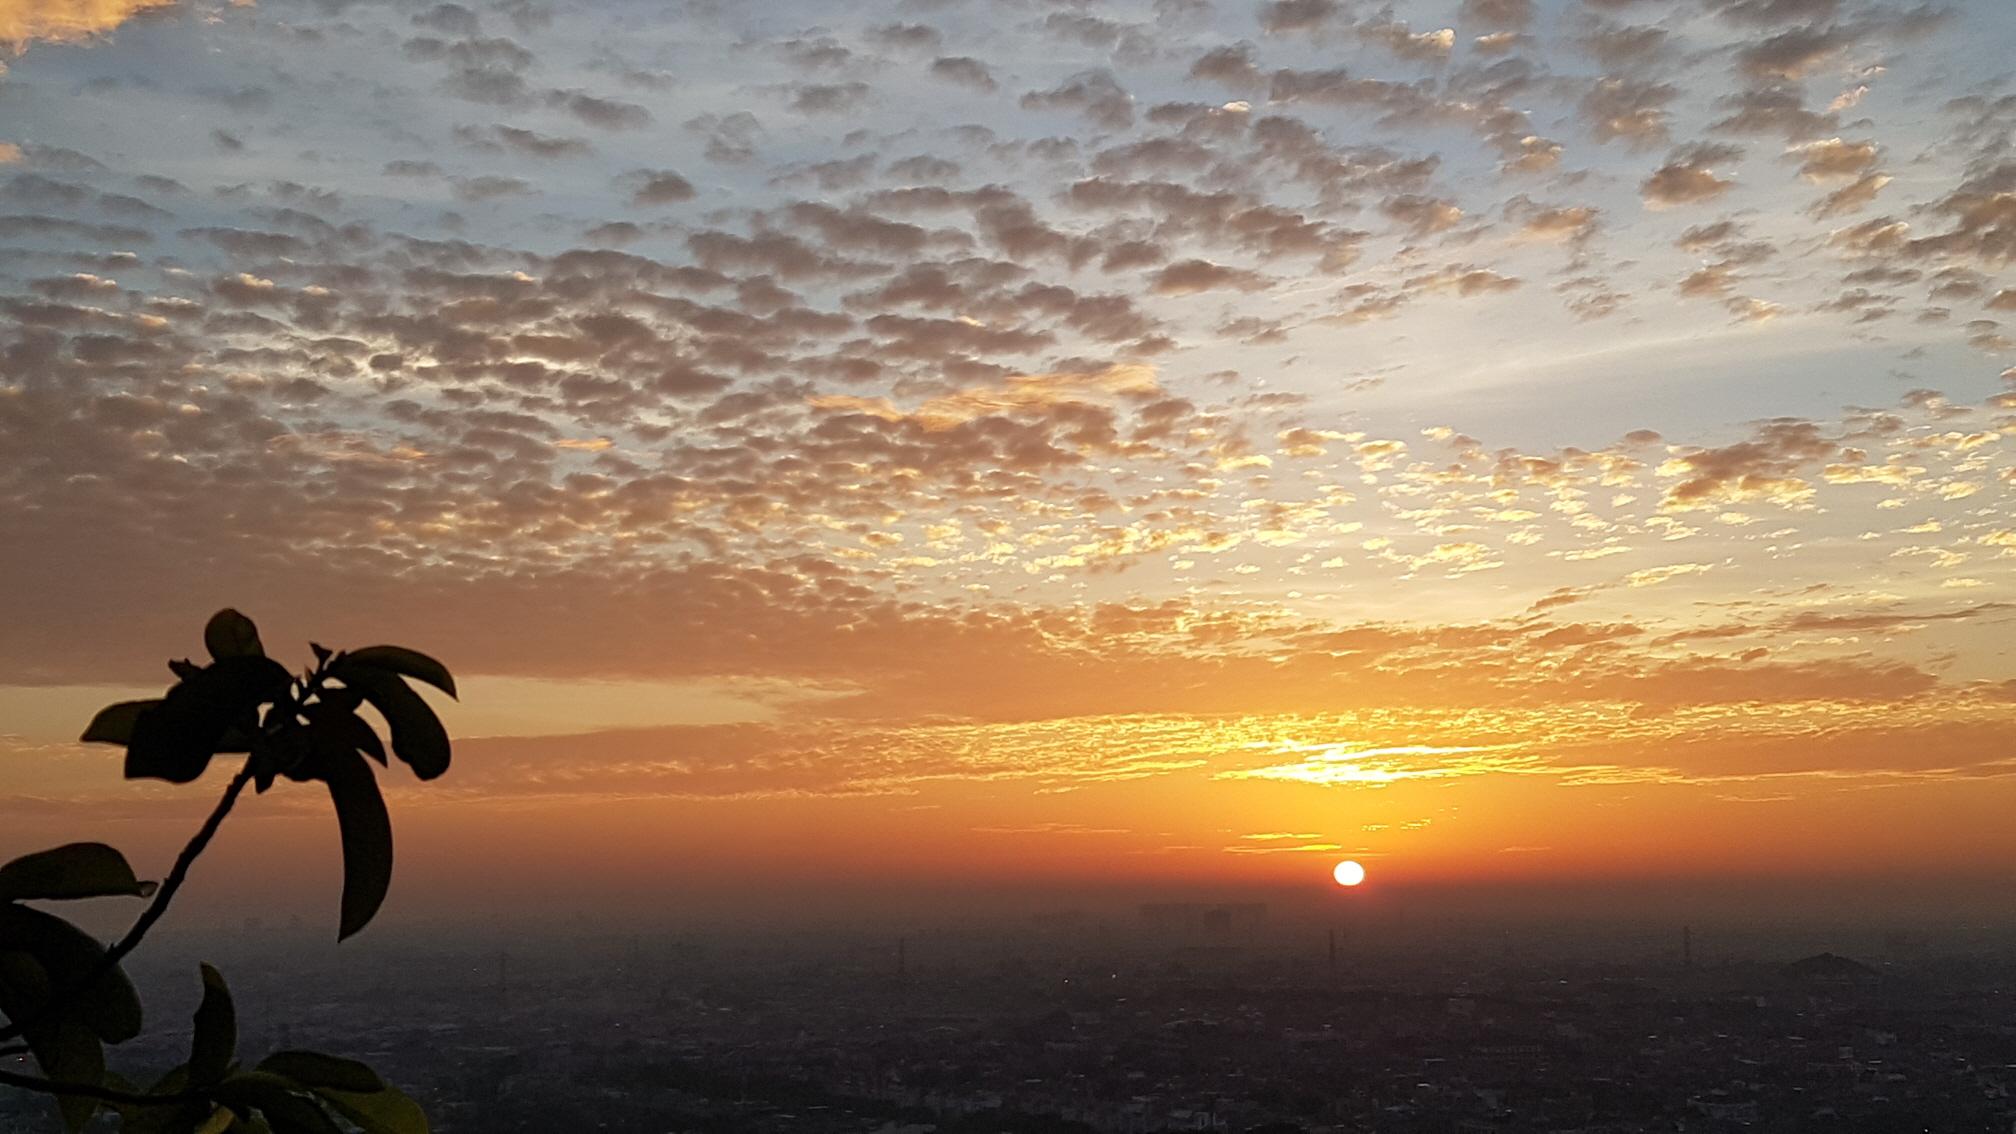 자카르타 동쪽하늘에 펼쳐지는 일출모습..jpg